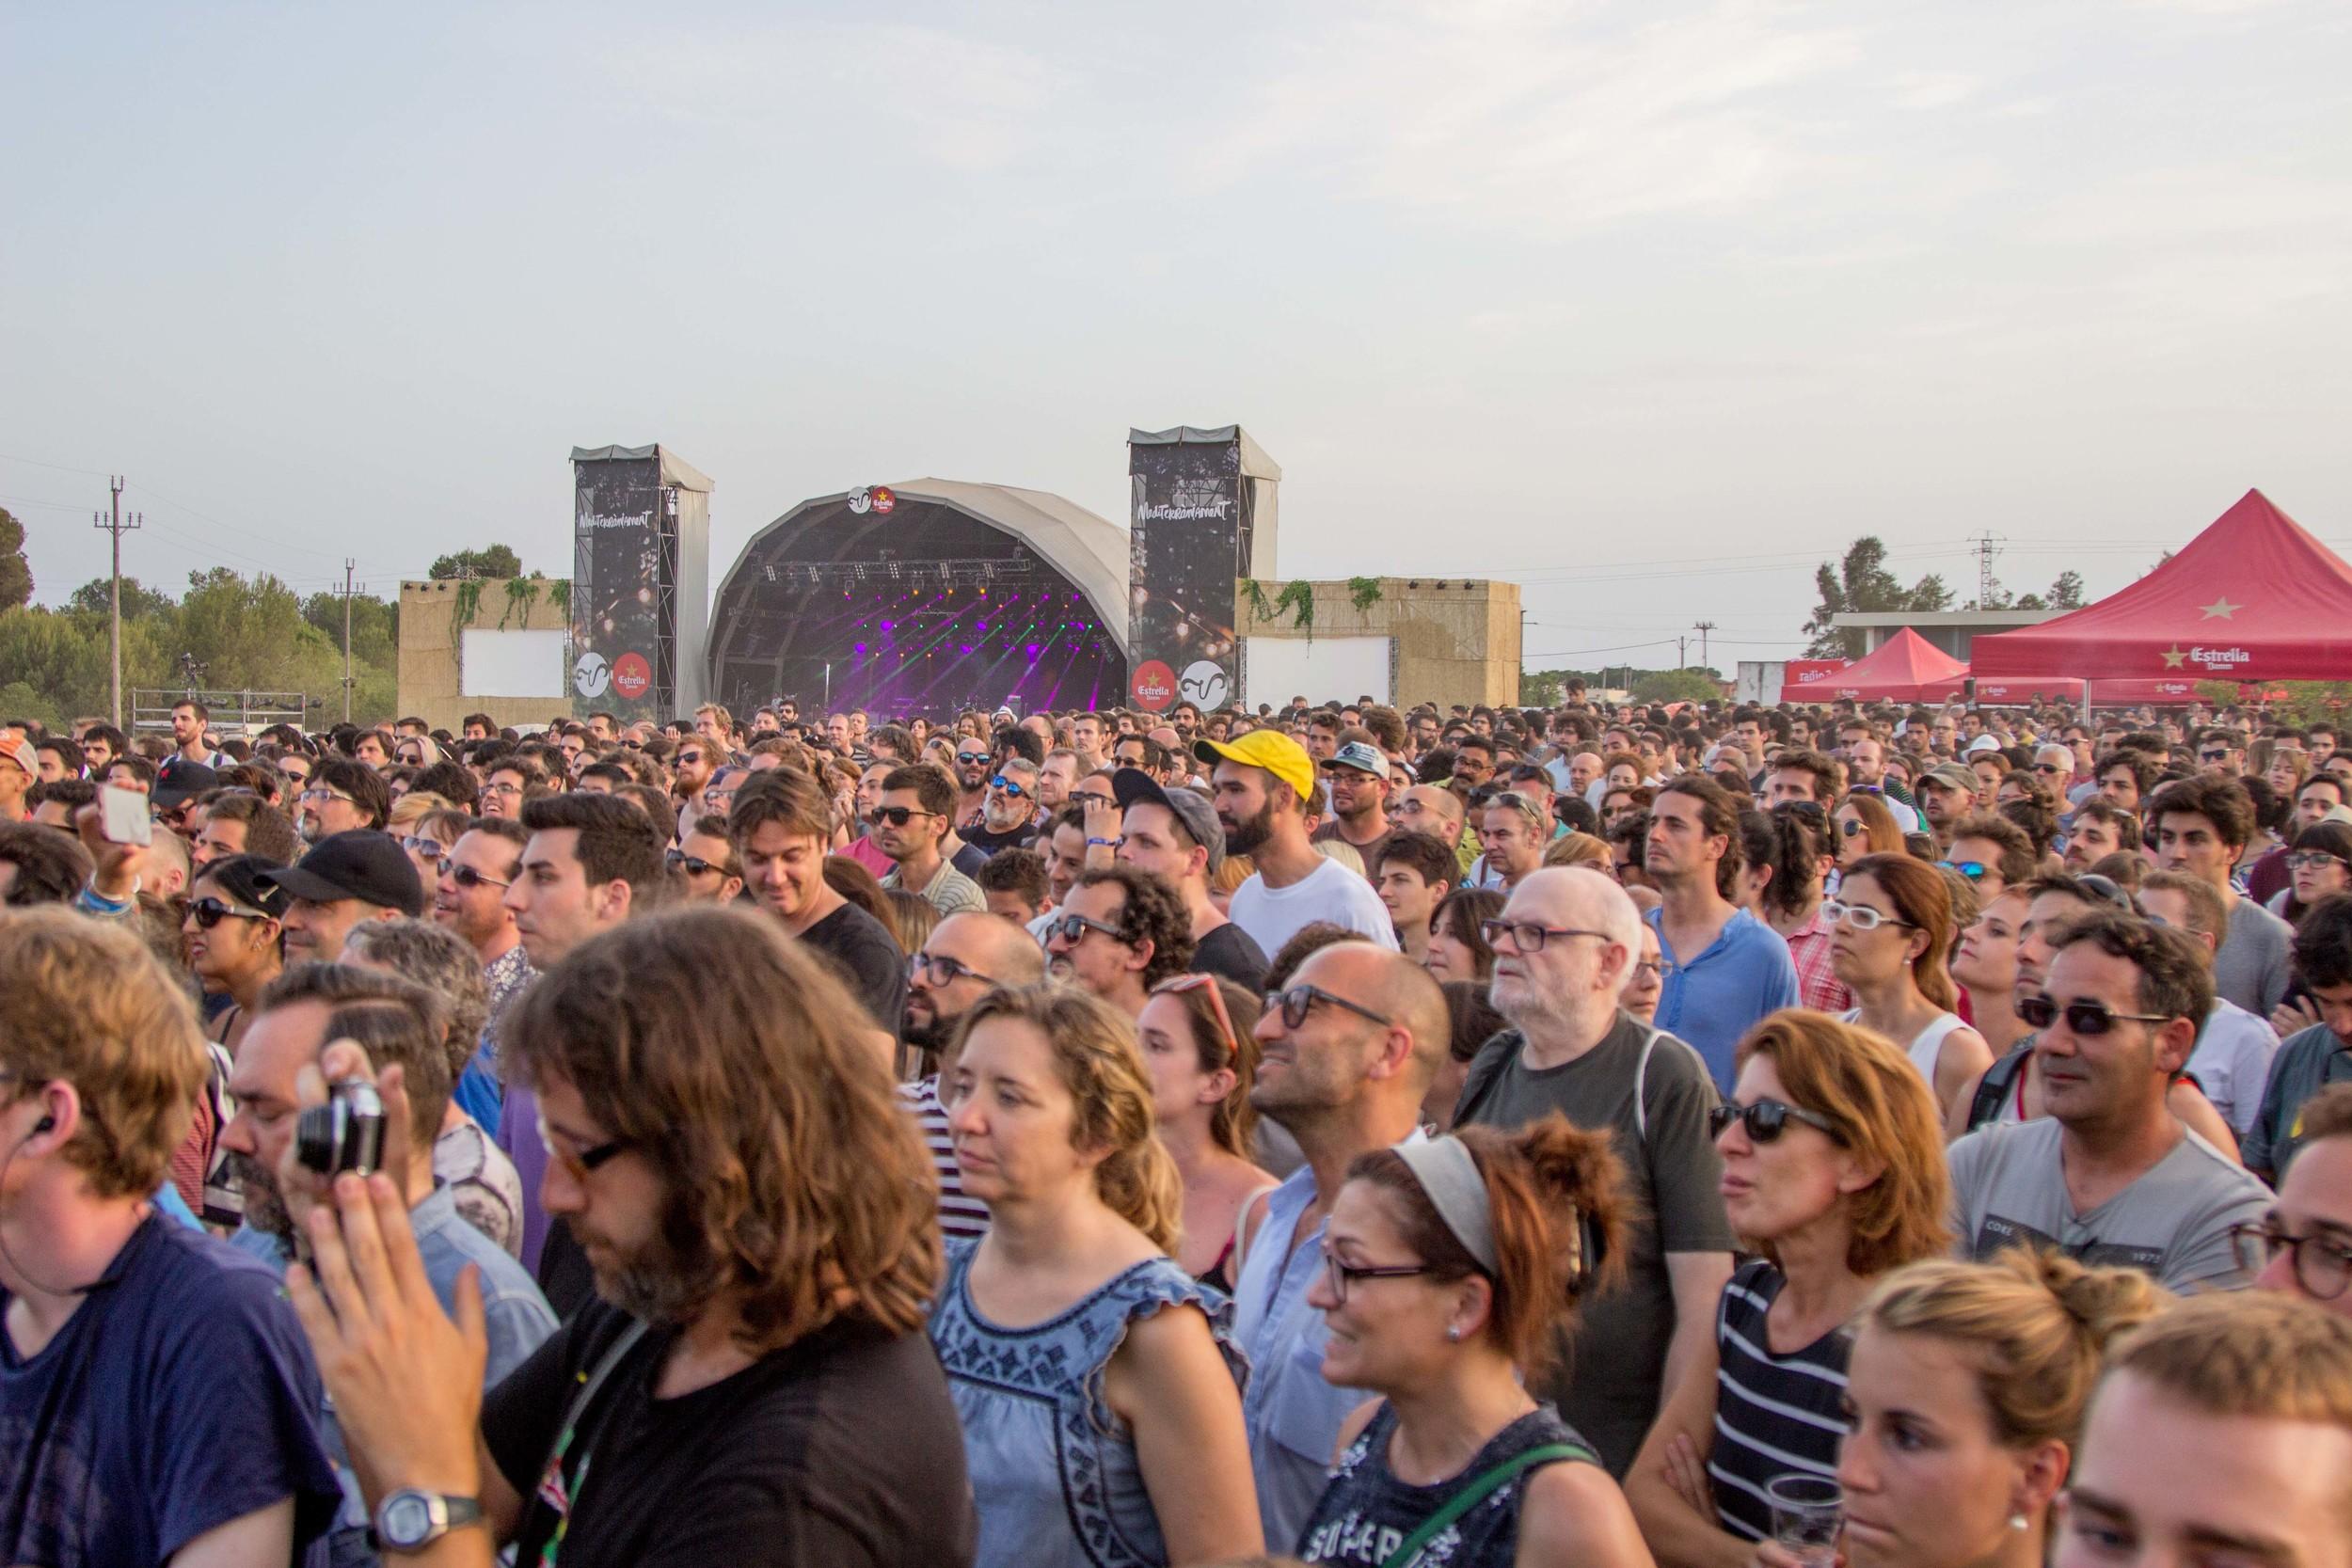 64_Vida Festival.JPG